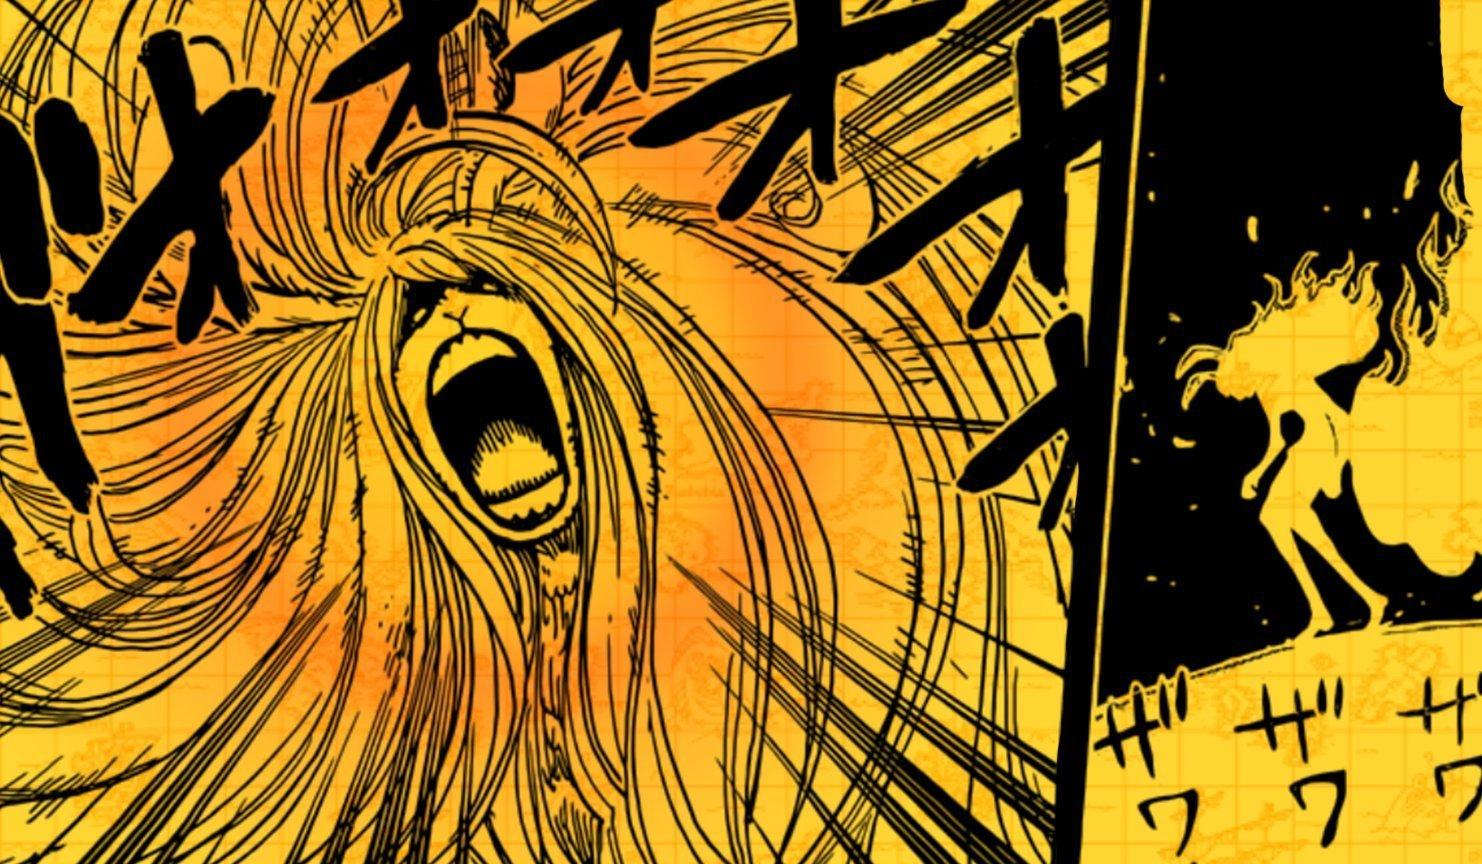 La criniera folgorante del Leone Lunare | One Piece Mania